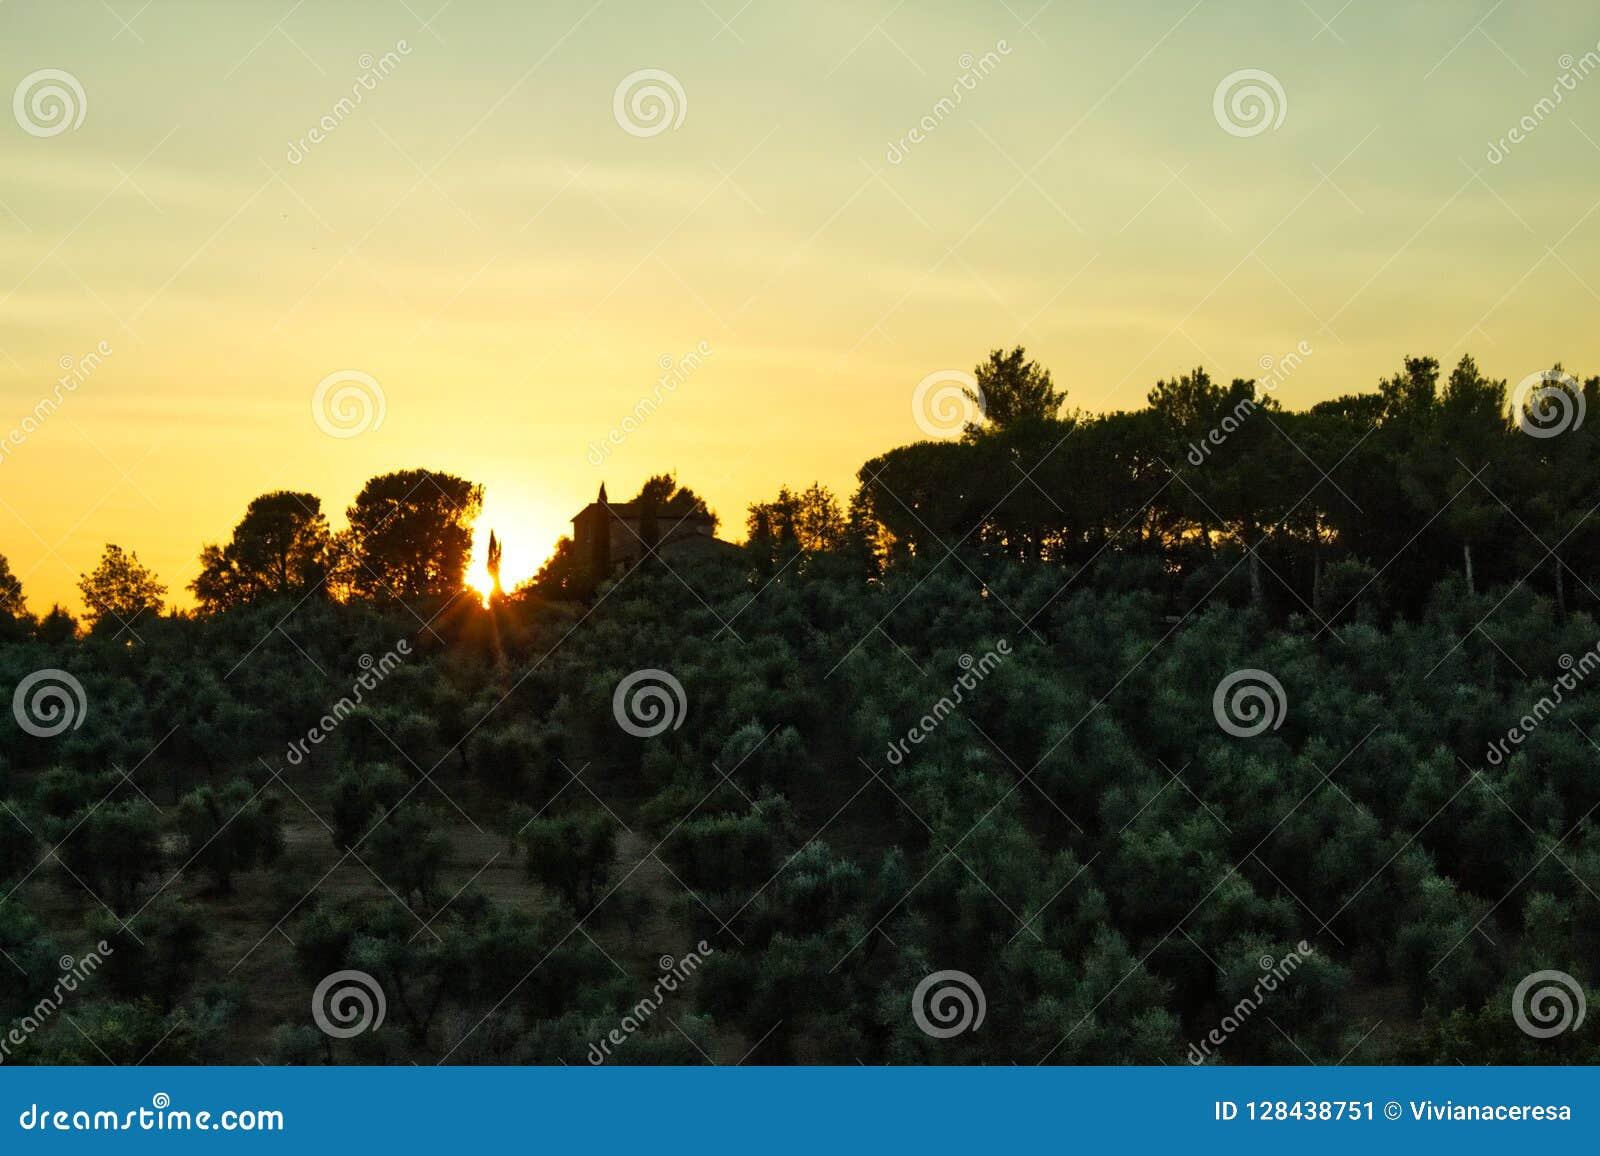 Toskanischer Sonnenuntergang auf Olive wachsen